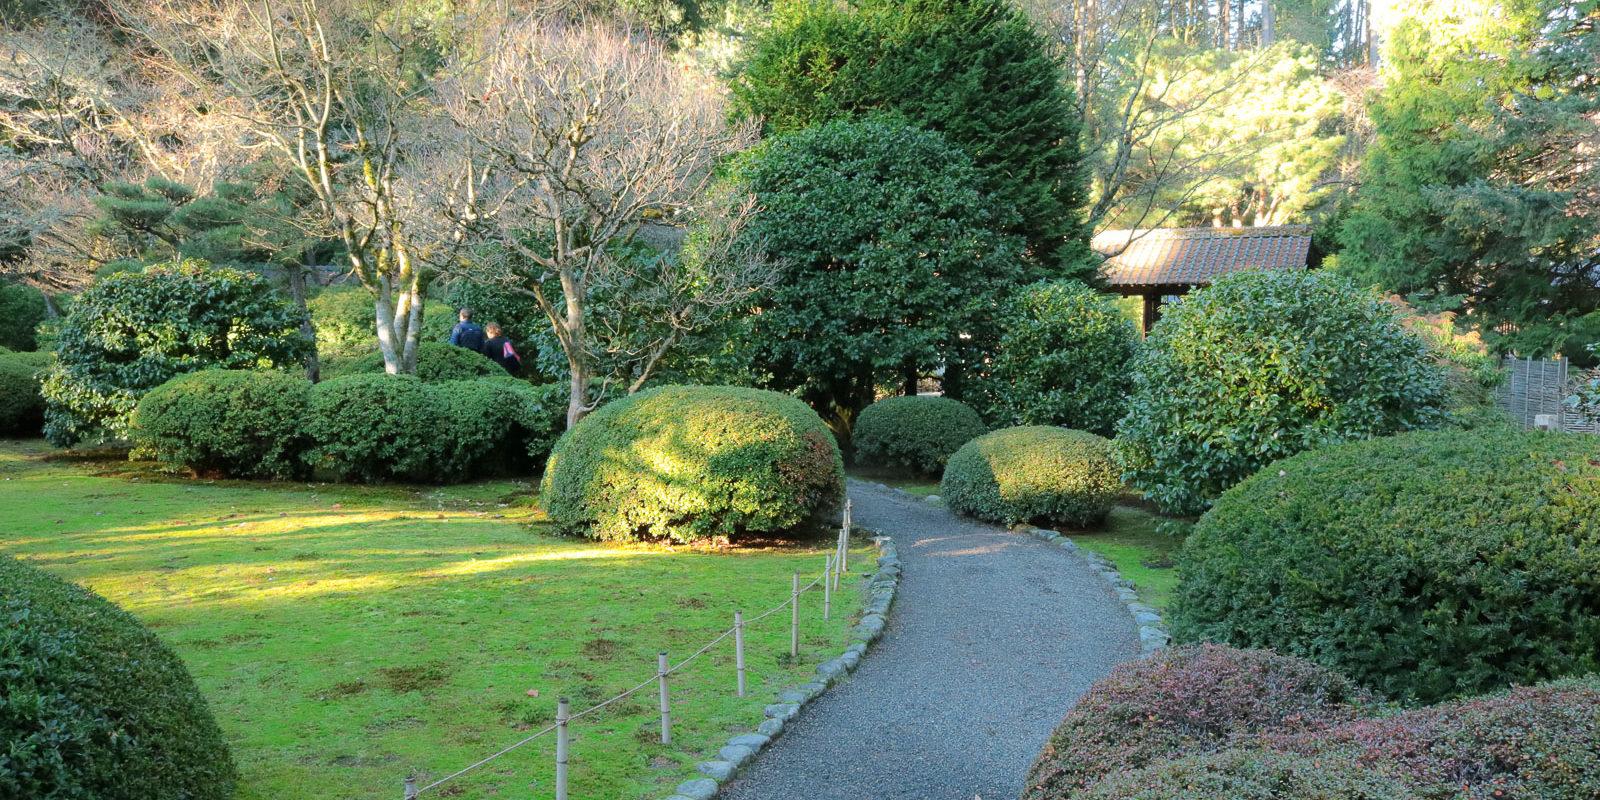 A wintry walk through the garden portland japanese garden - When you walk through the garden ...